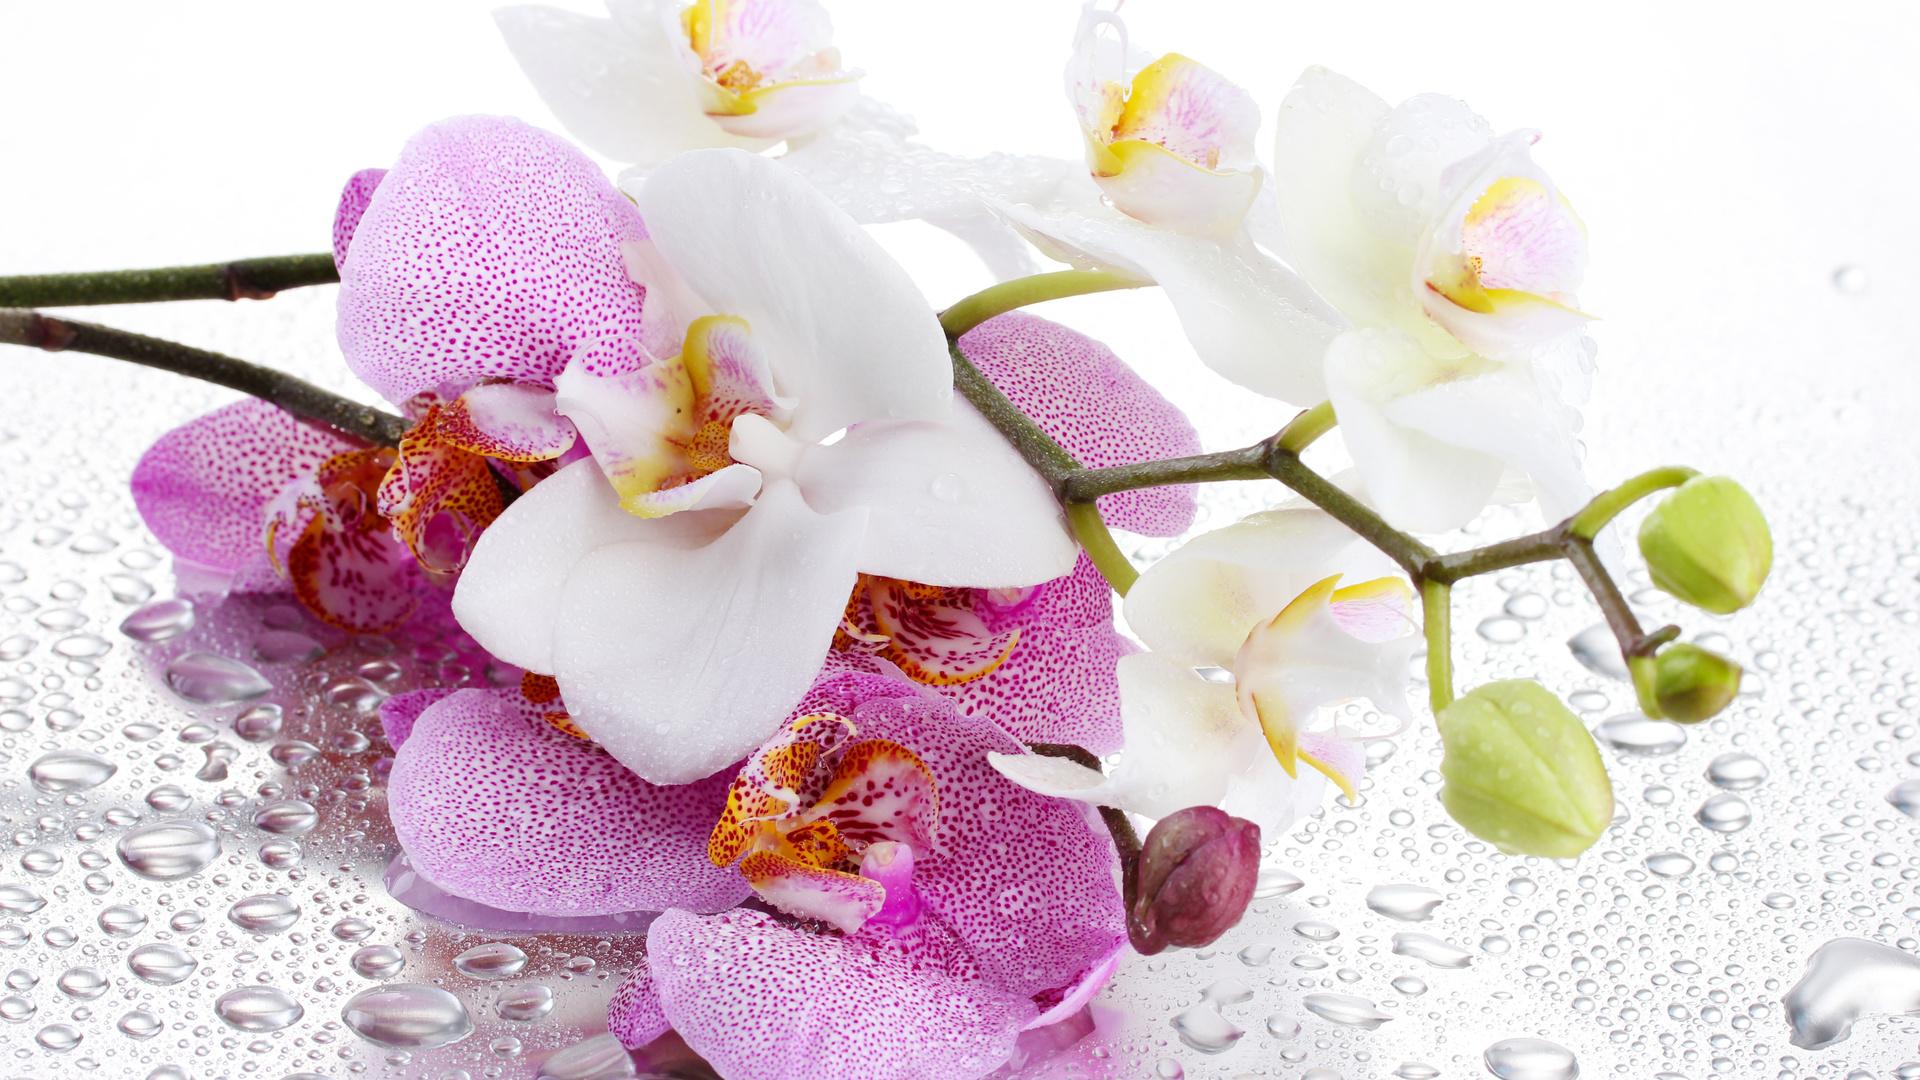 живые цветы орхидеи картинки